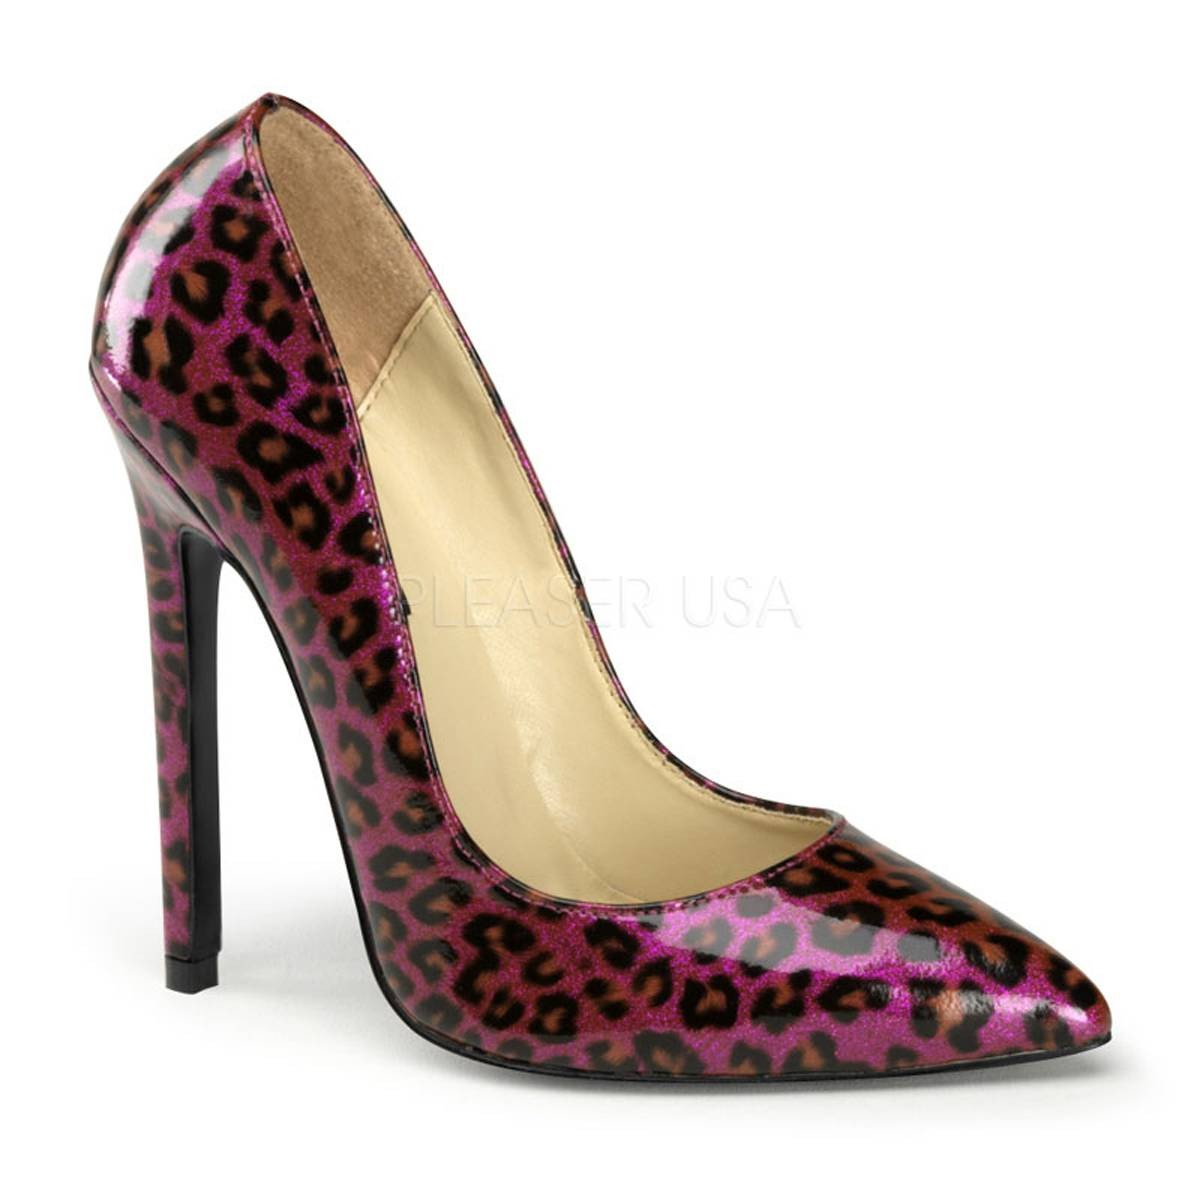 Pumps für Frauen - SEXY 20 ° Damen Pumps ° Violett Schwarz Glänzend ° Pleaser  - Onlineshop RedSixty